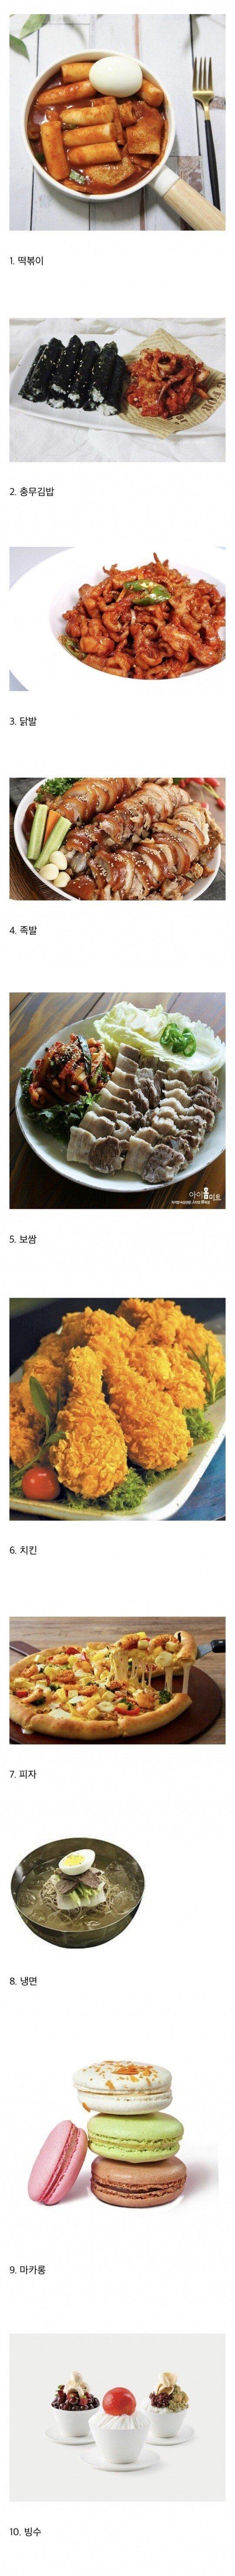 qwrtssfgg.jpg 가격거품이 심한 것 같은 음식 10가지.